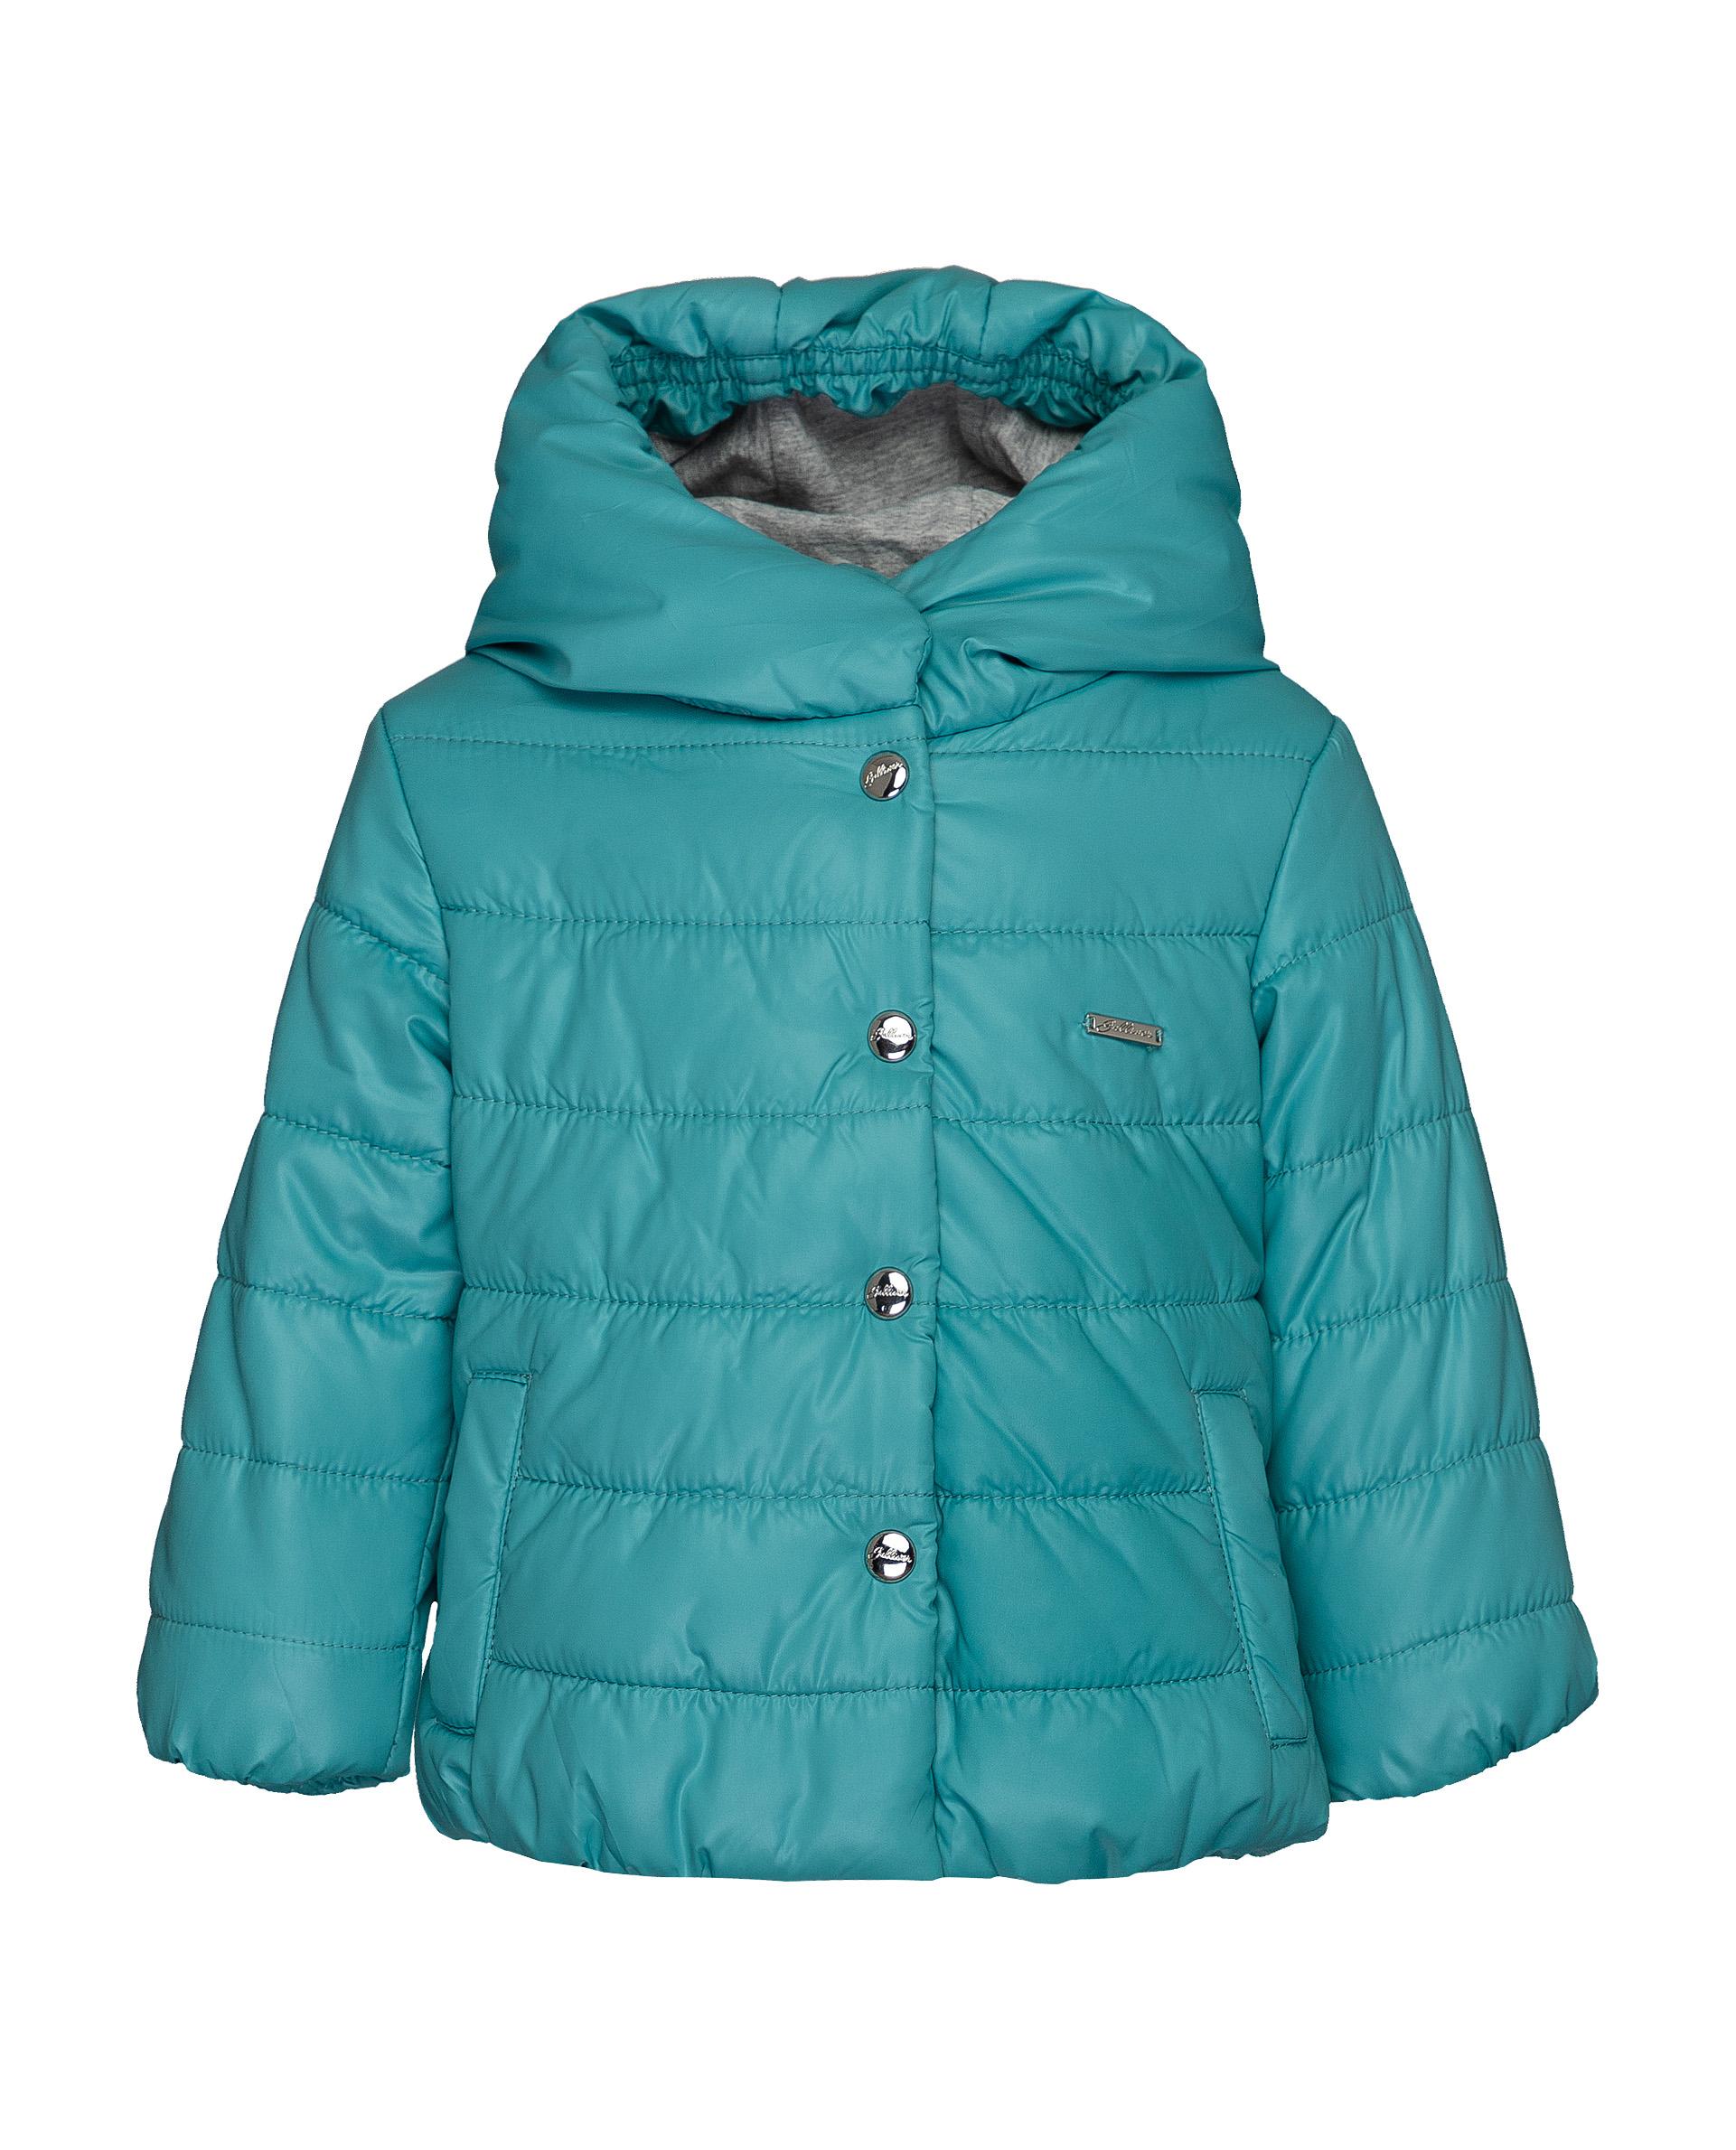 Куртка для девочек Gulliver, цв. бирюзовый, р.74 21932GBC4104